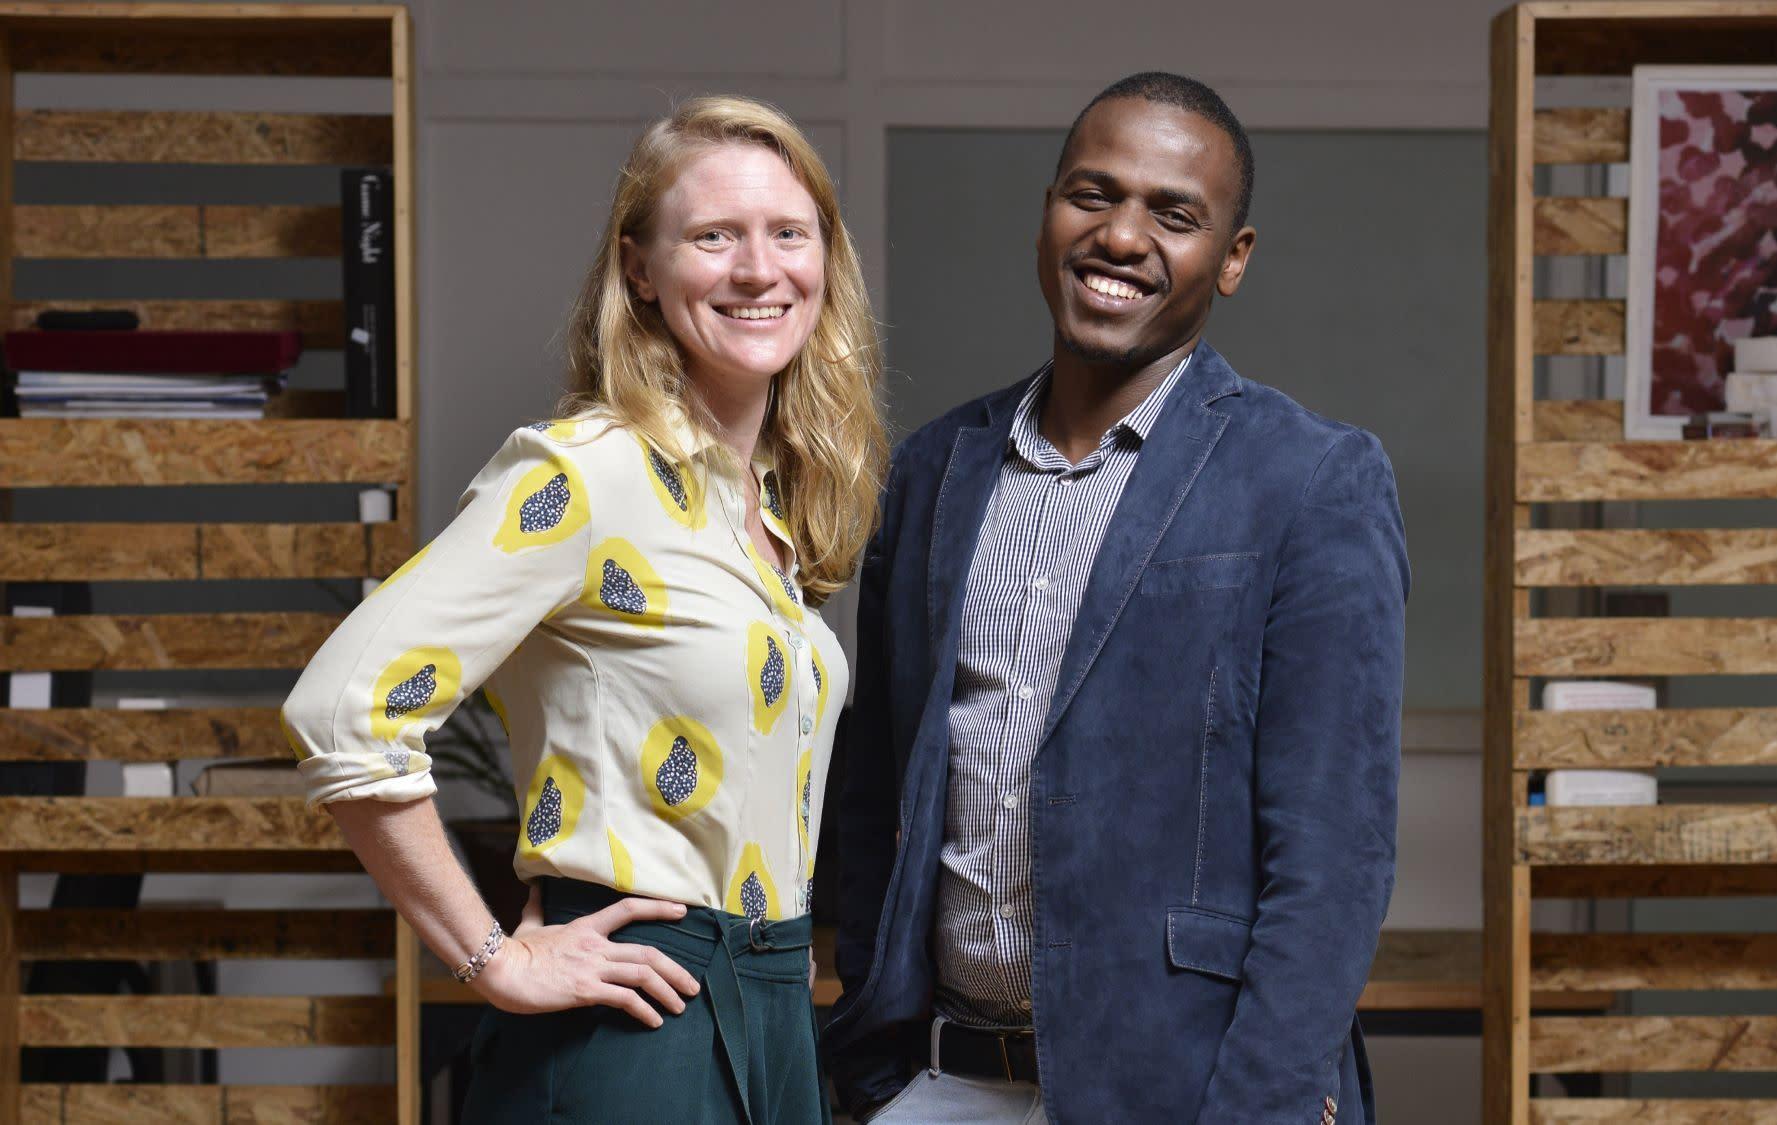 Kenyan insurtech startup Pula raises $6M Series A to derisk smallholder farmers across Africa